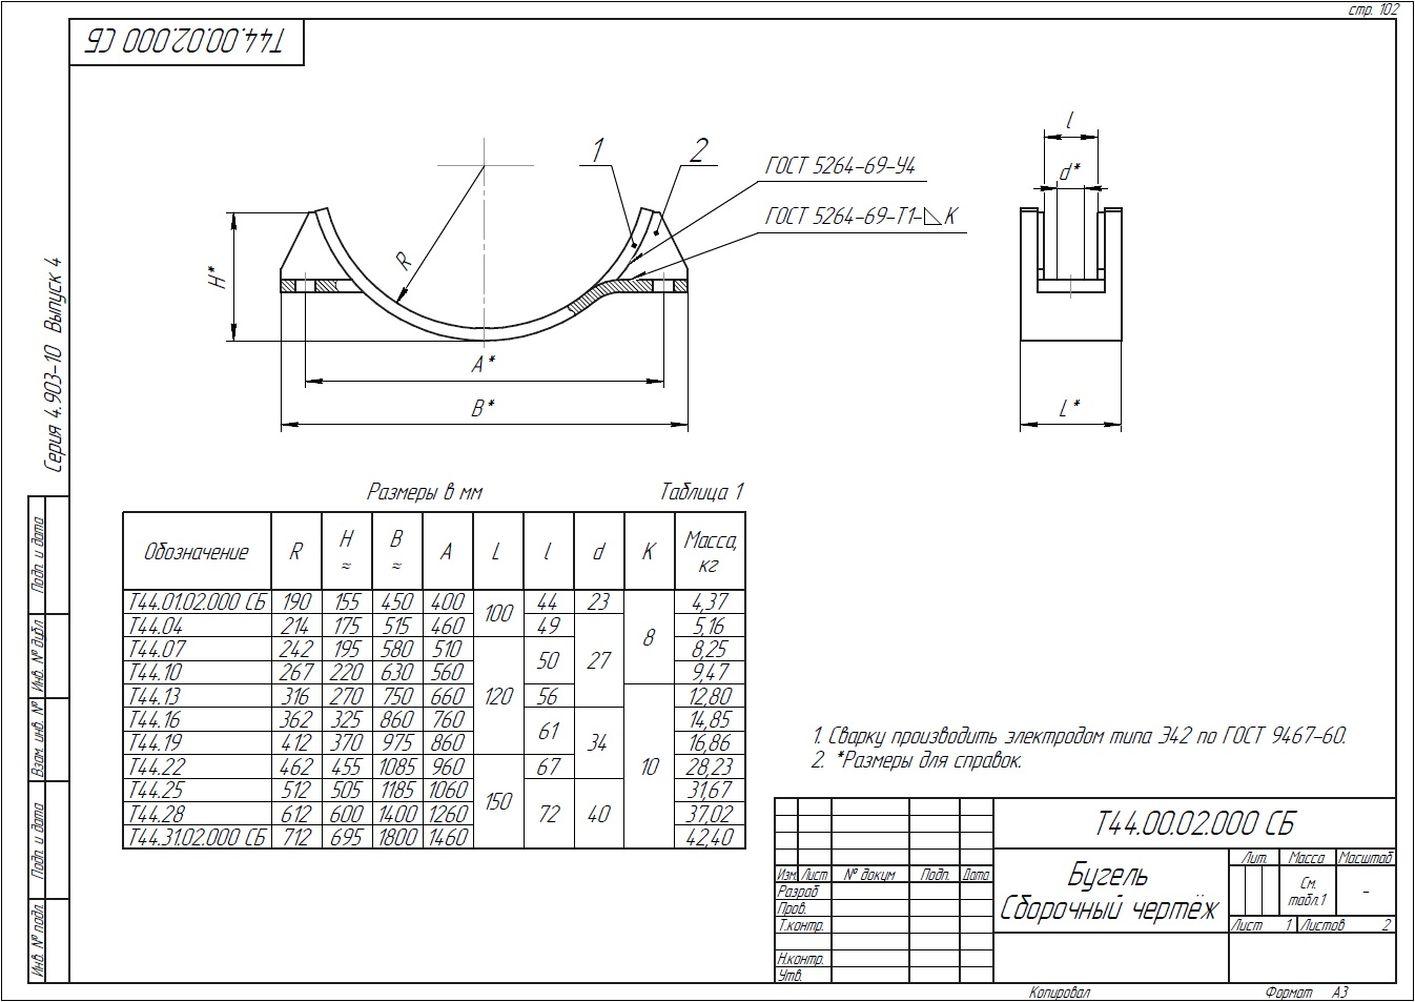 Опора неподвижная бугельная Т44 серия 4.903-10 вып.4 стр.5